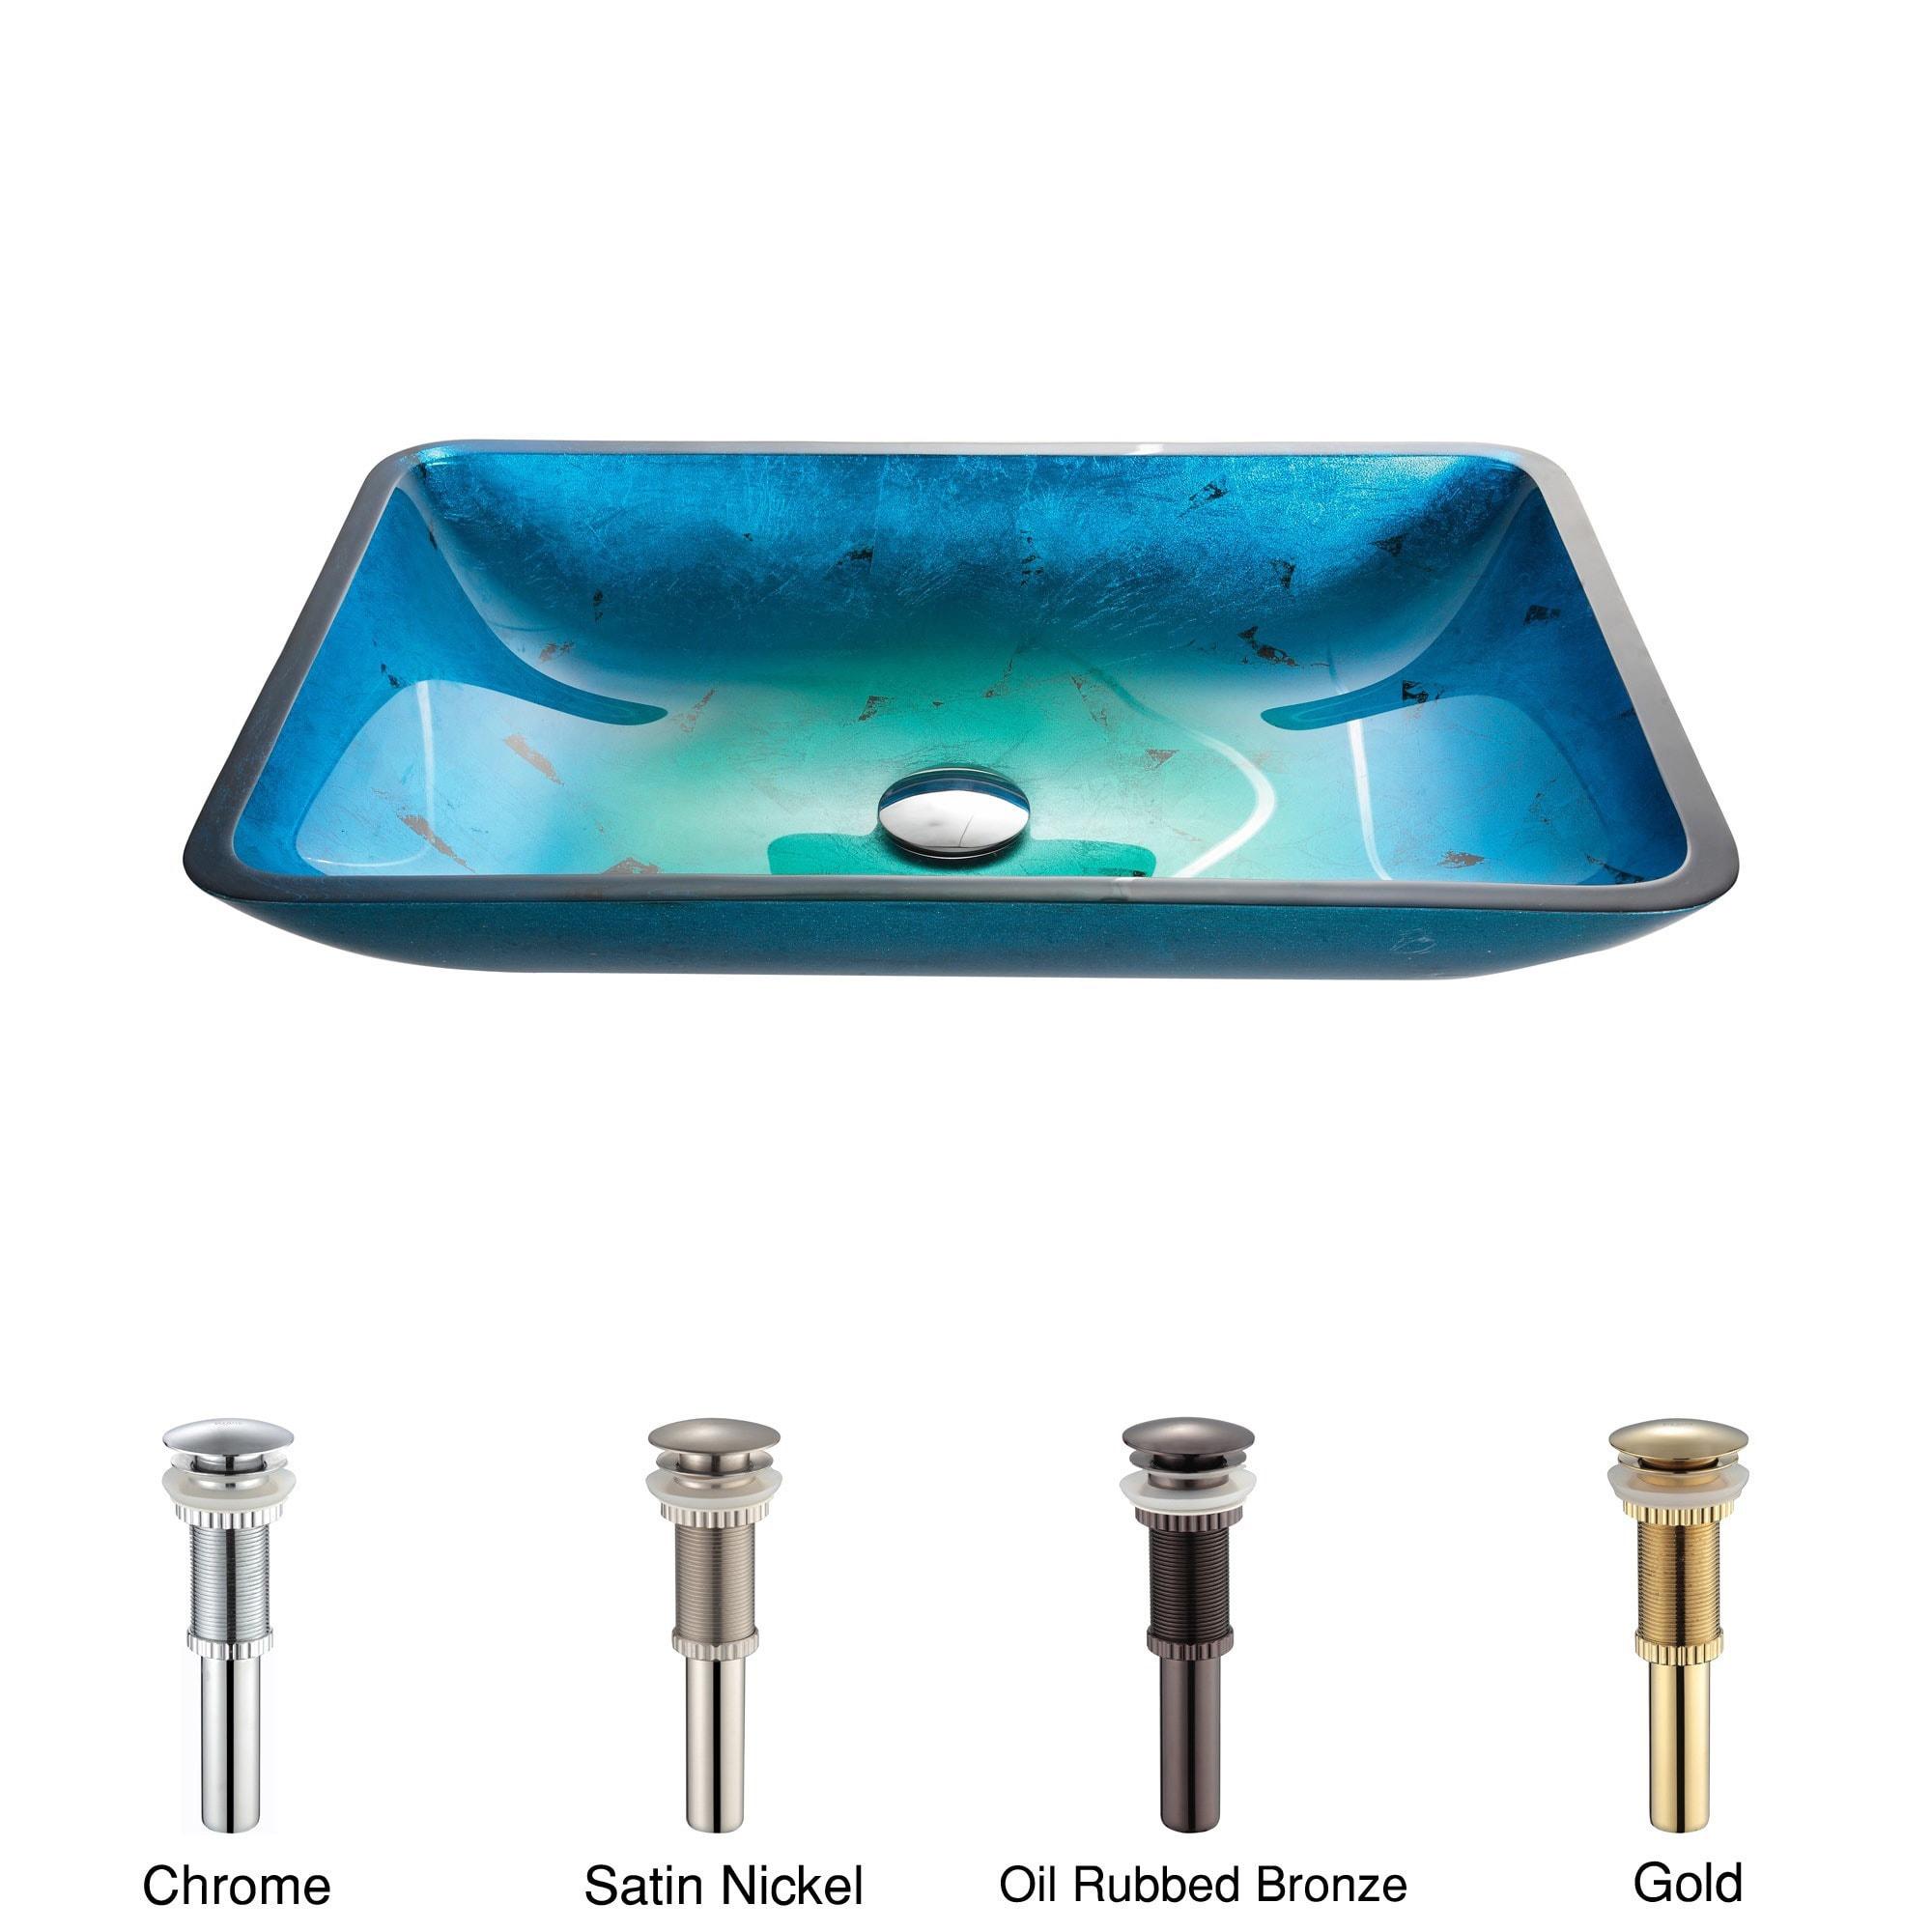 KRAUS Irruption Rectangular Glass Vessel Sink in Blue with Pop-Up ...